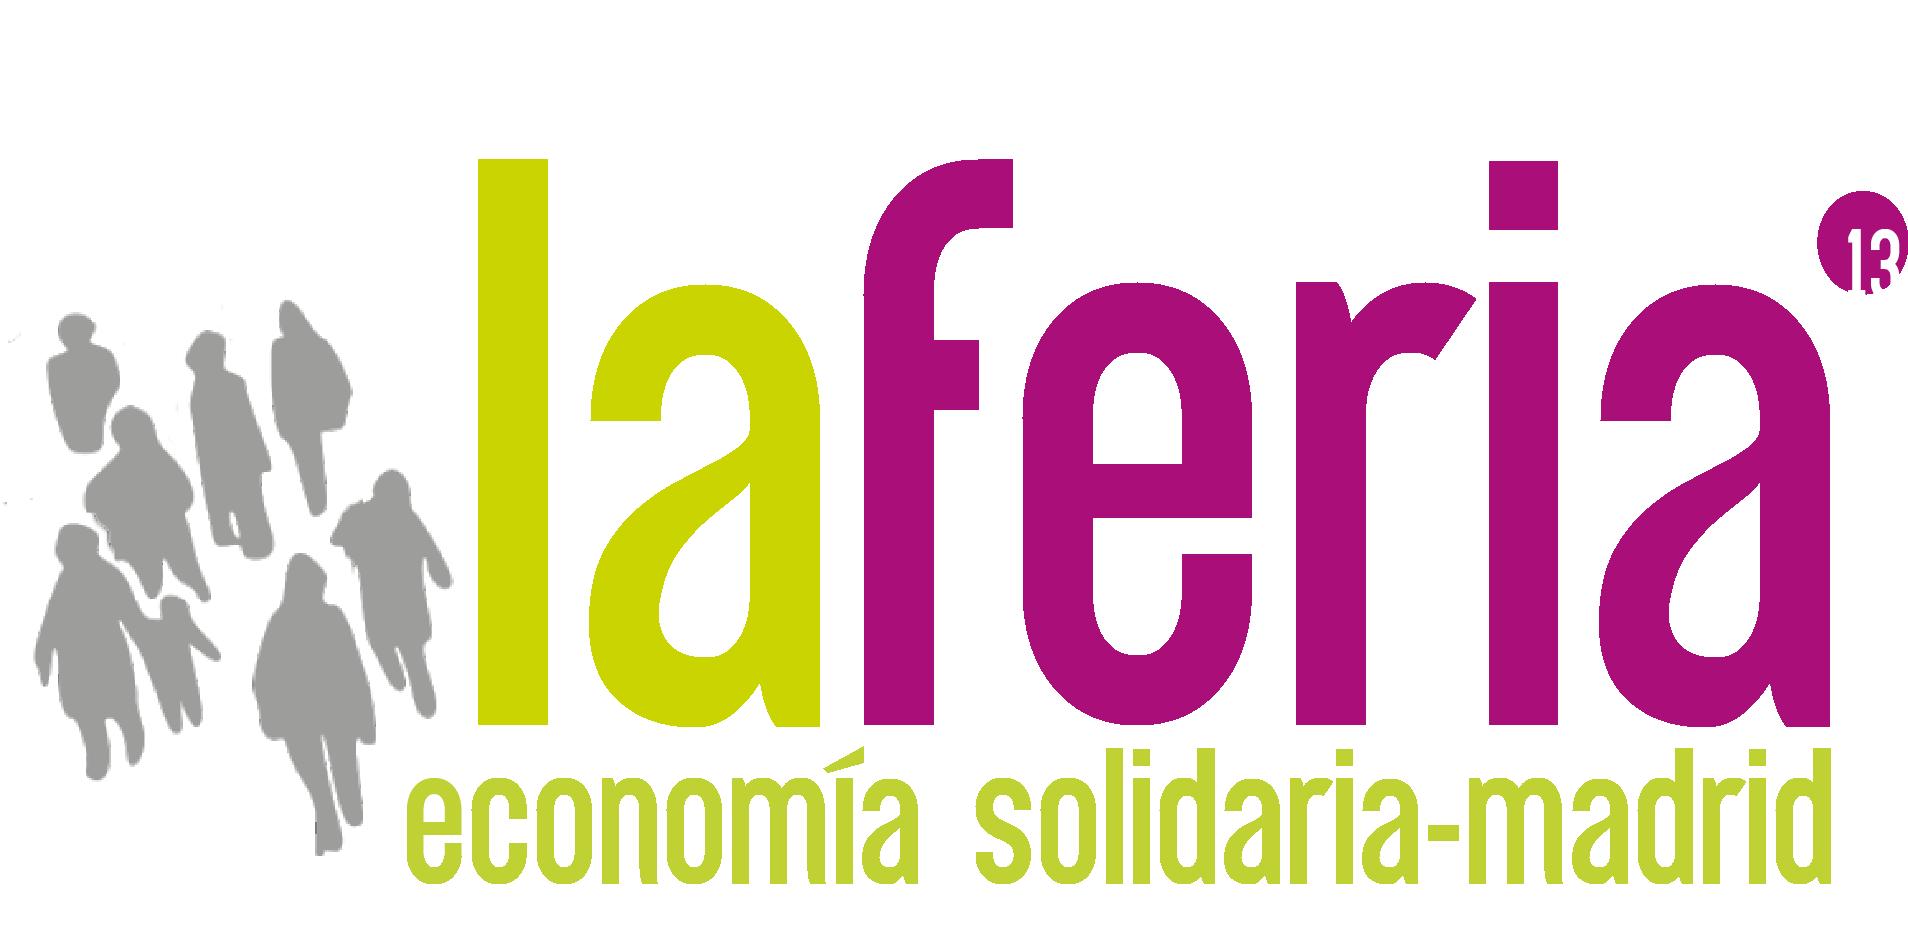 La feria. Economía solidaria-madrid